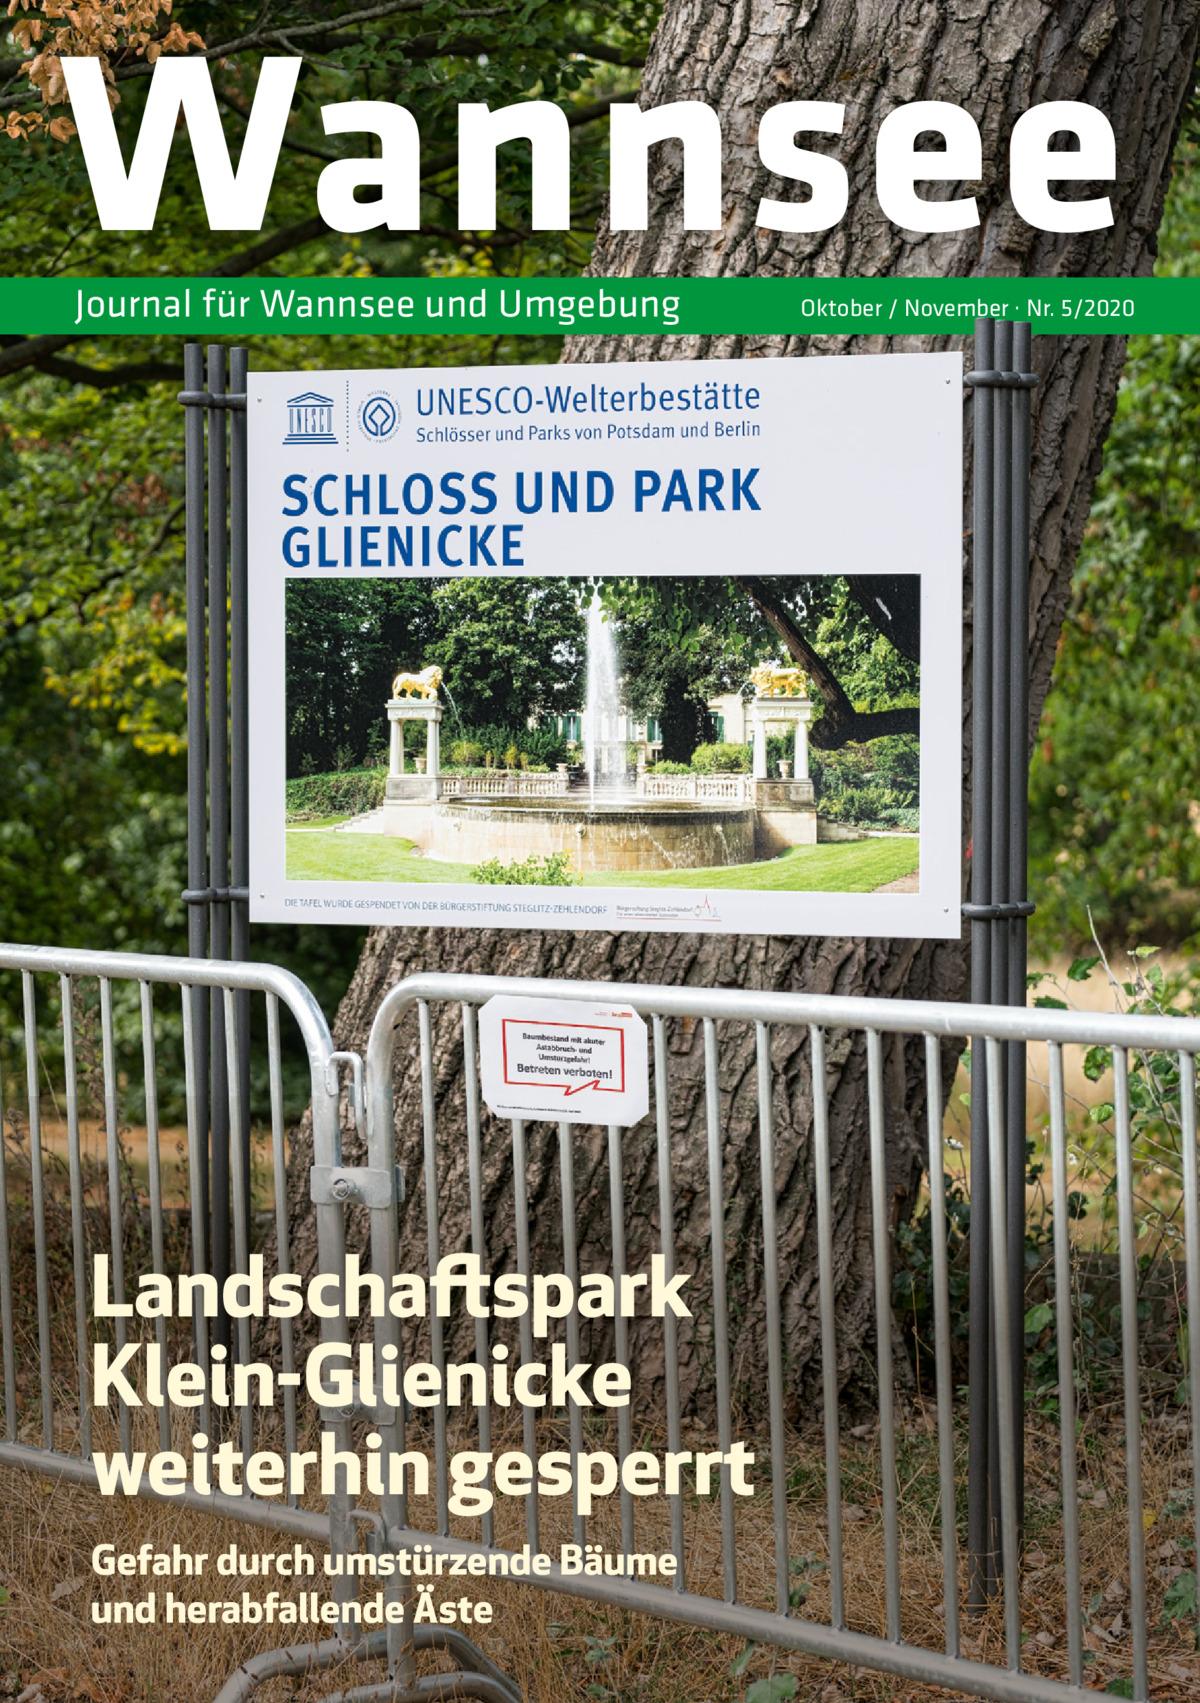 Wannsee Journal für Wannsee und Umgebung  Landschaftspark Klein-Glienicke weiterhin gesperrt Gefahr durch umstürzende Bäume und herabfallende Äste  Oktober / November · Nr. 5/2020